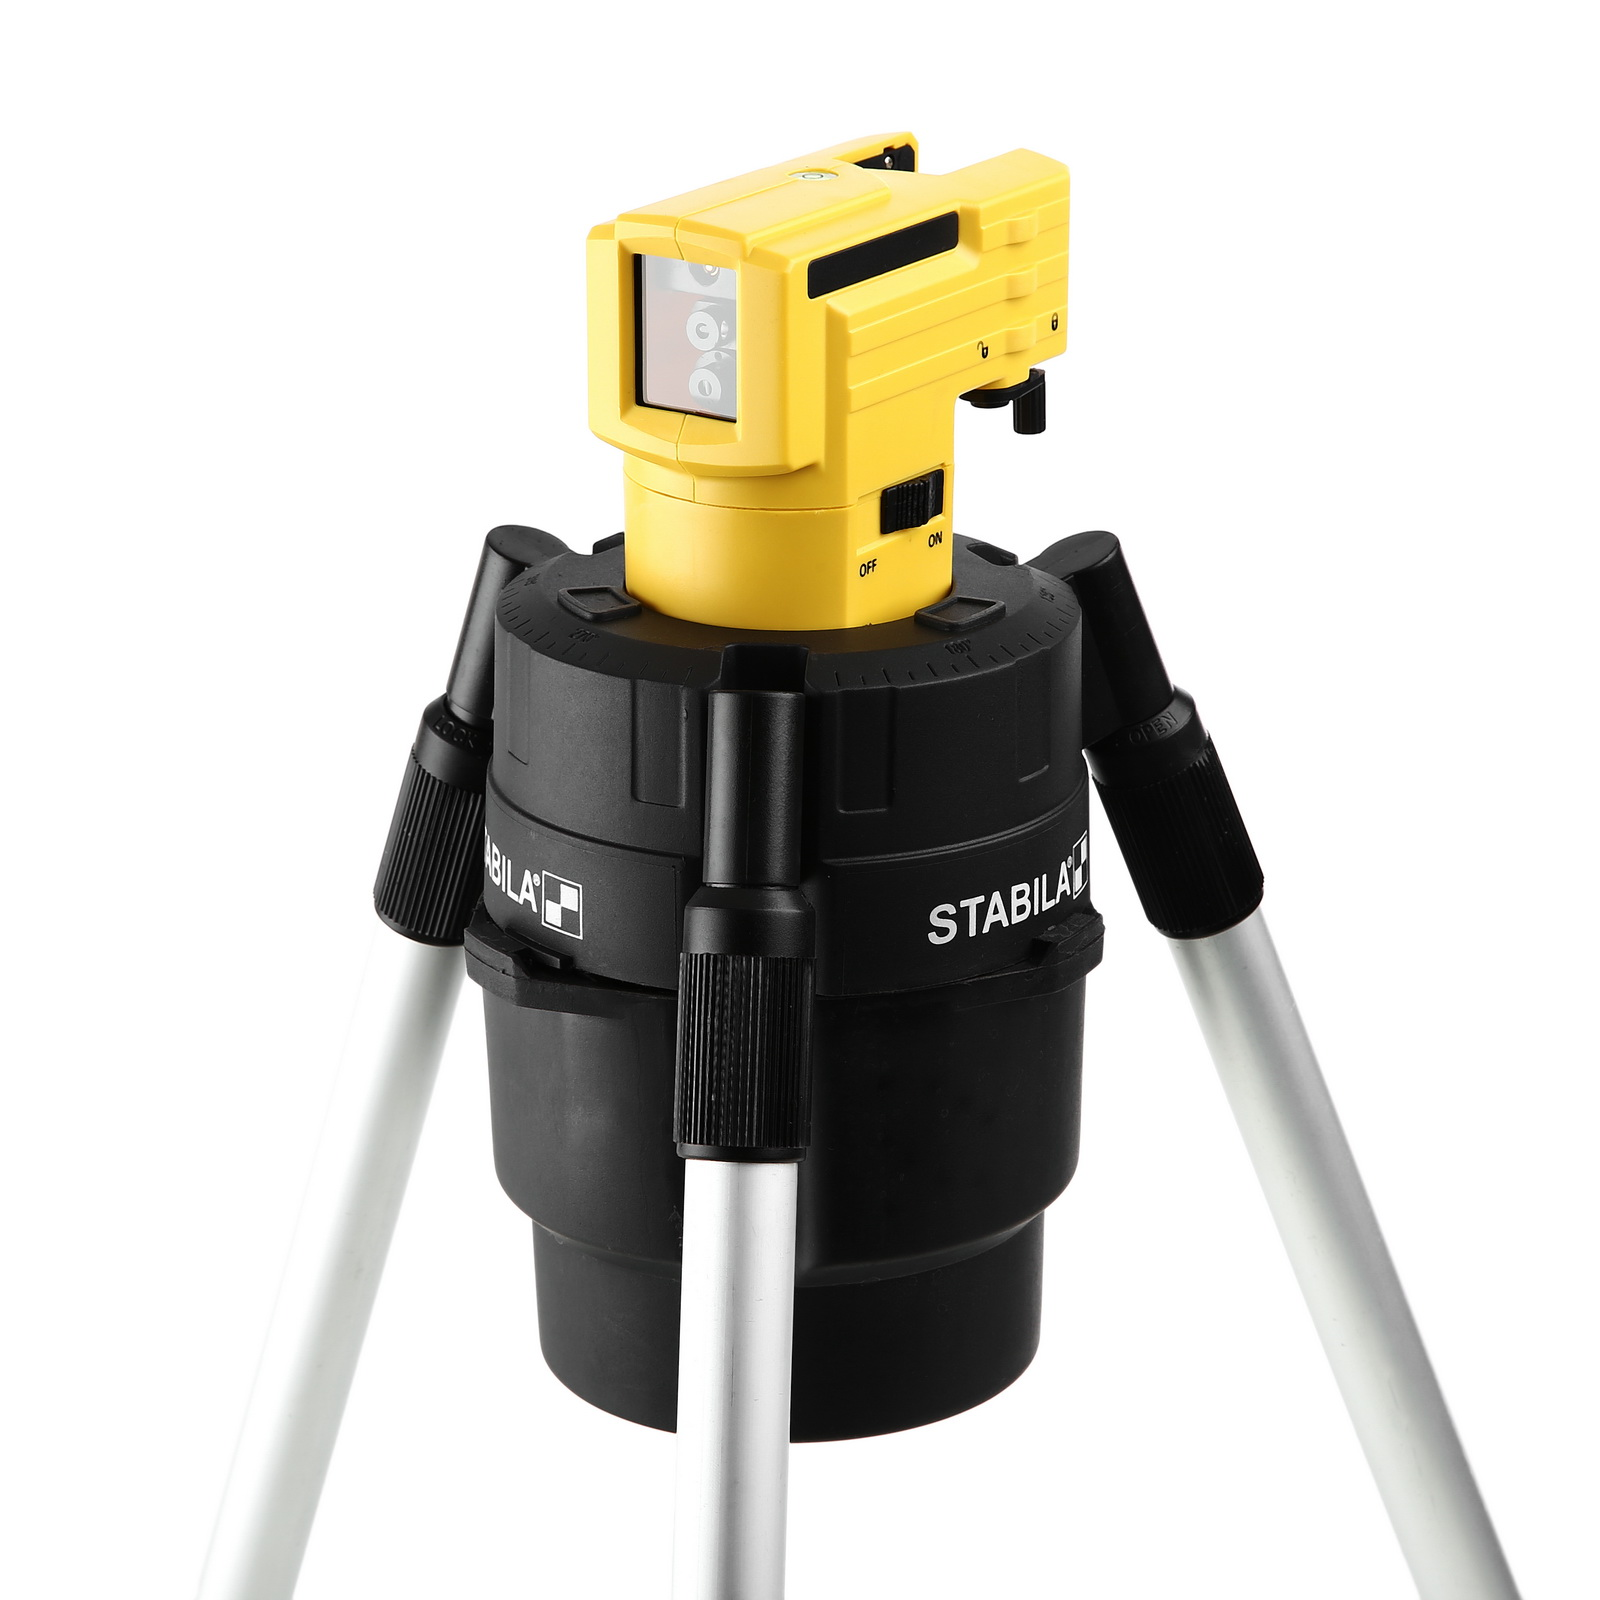 Уровень Stabila Lax 50 аксессуар stabila lb очки для усиления видимости лазерного луча 07470